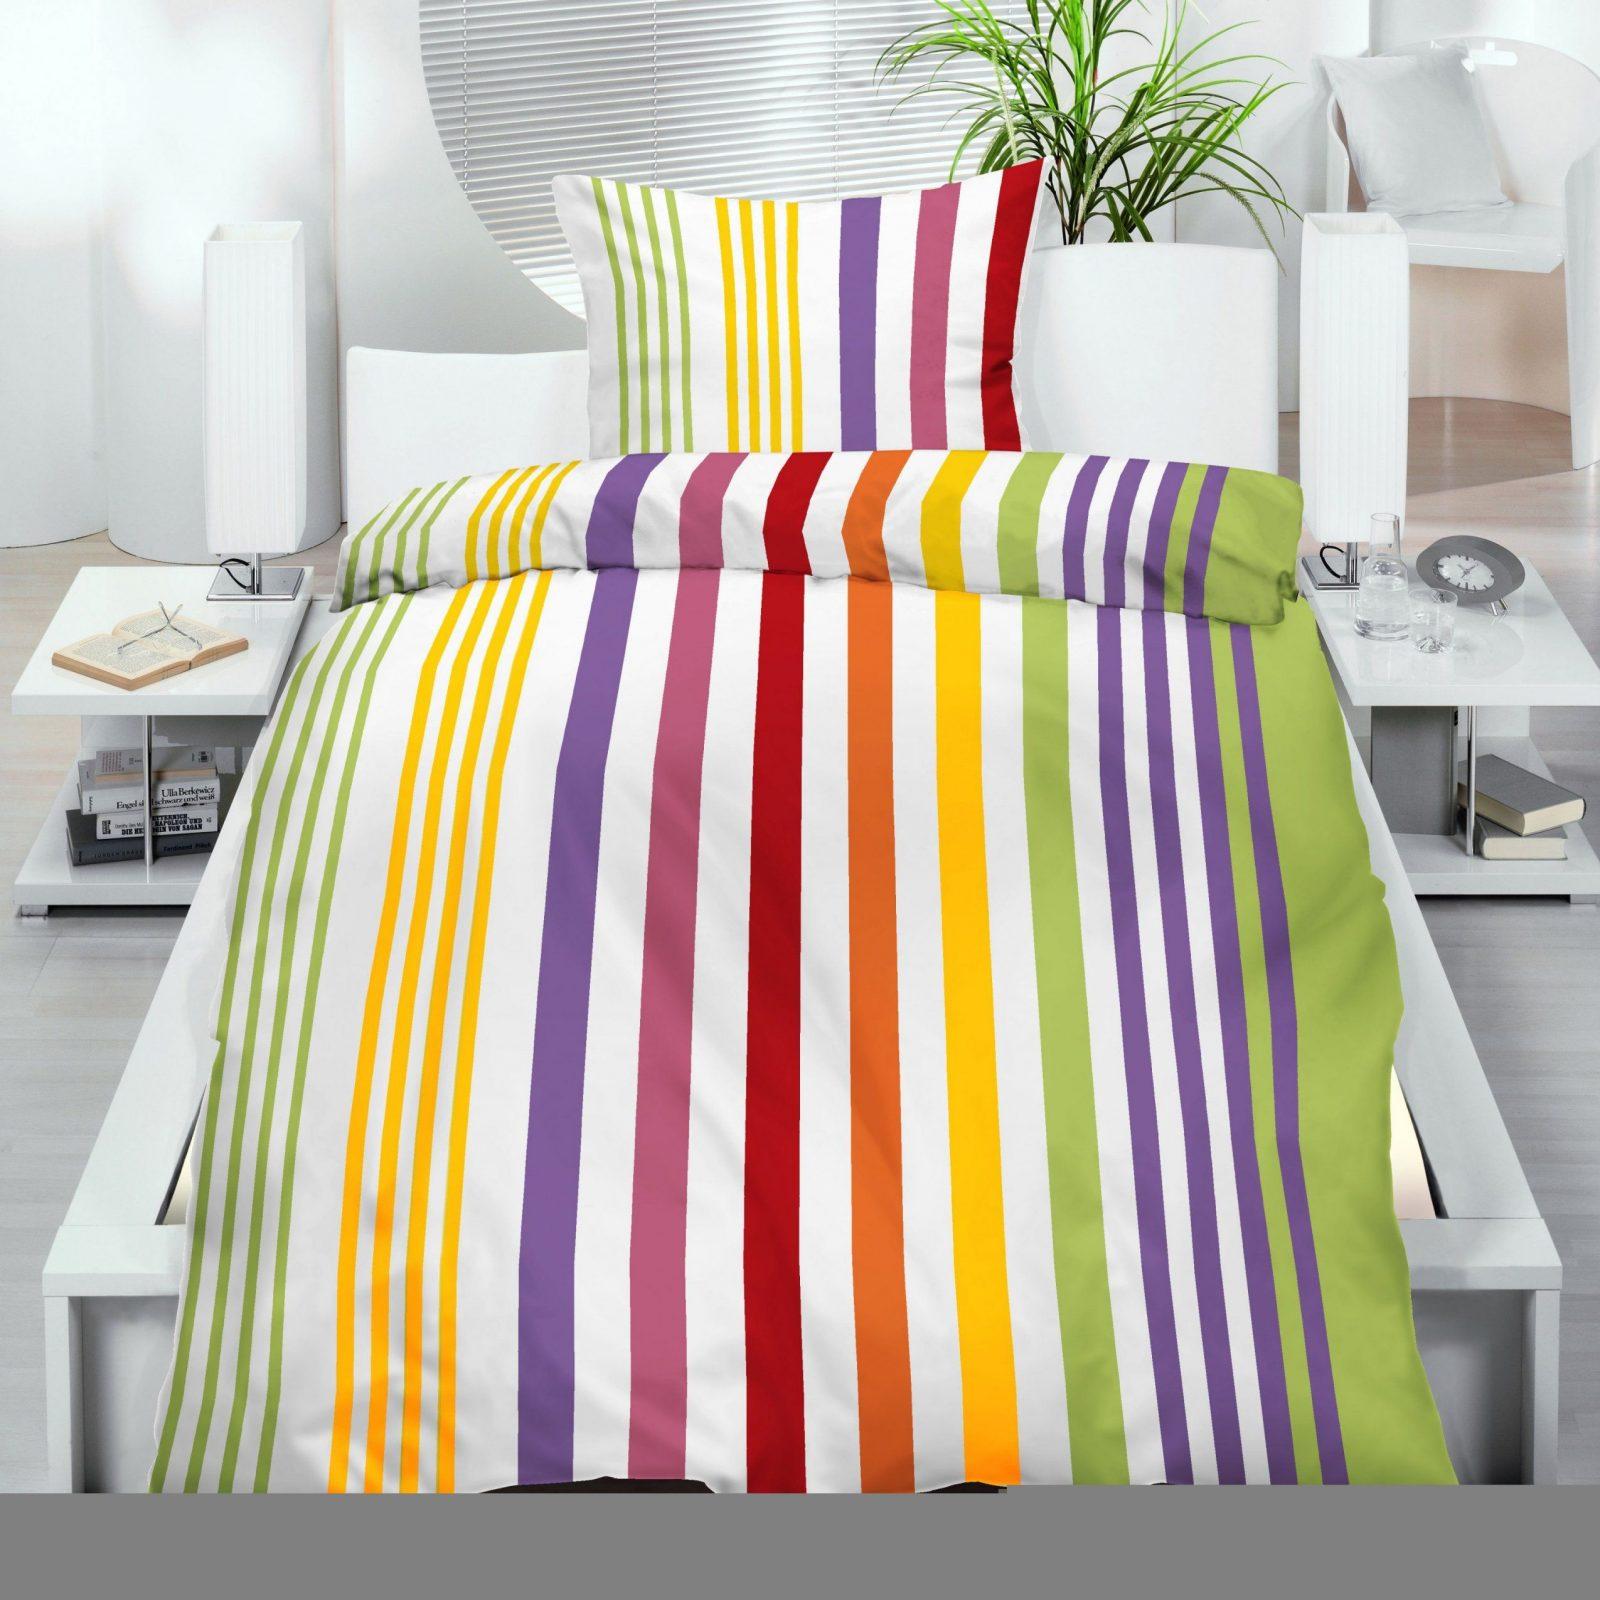 Guenstige Bettgarnitur Moebel  Dibinekadar Decoration von Billige Bettwäsche 4 Teilig Bild